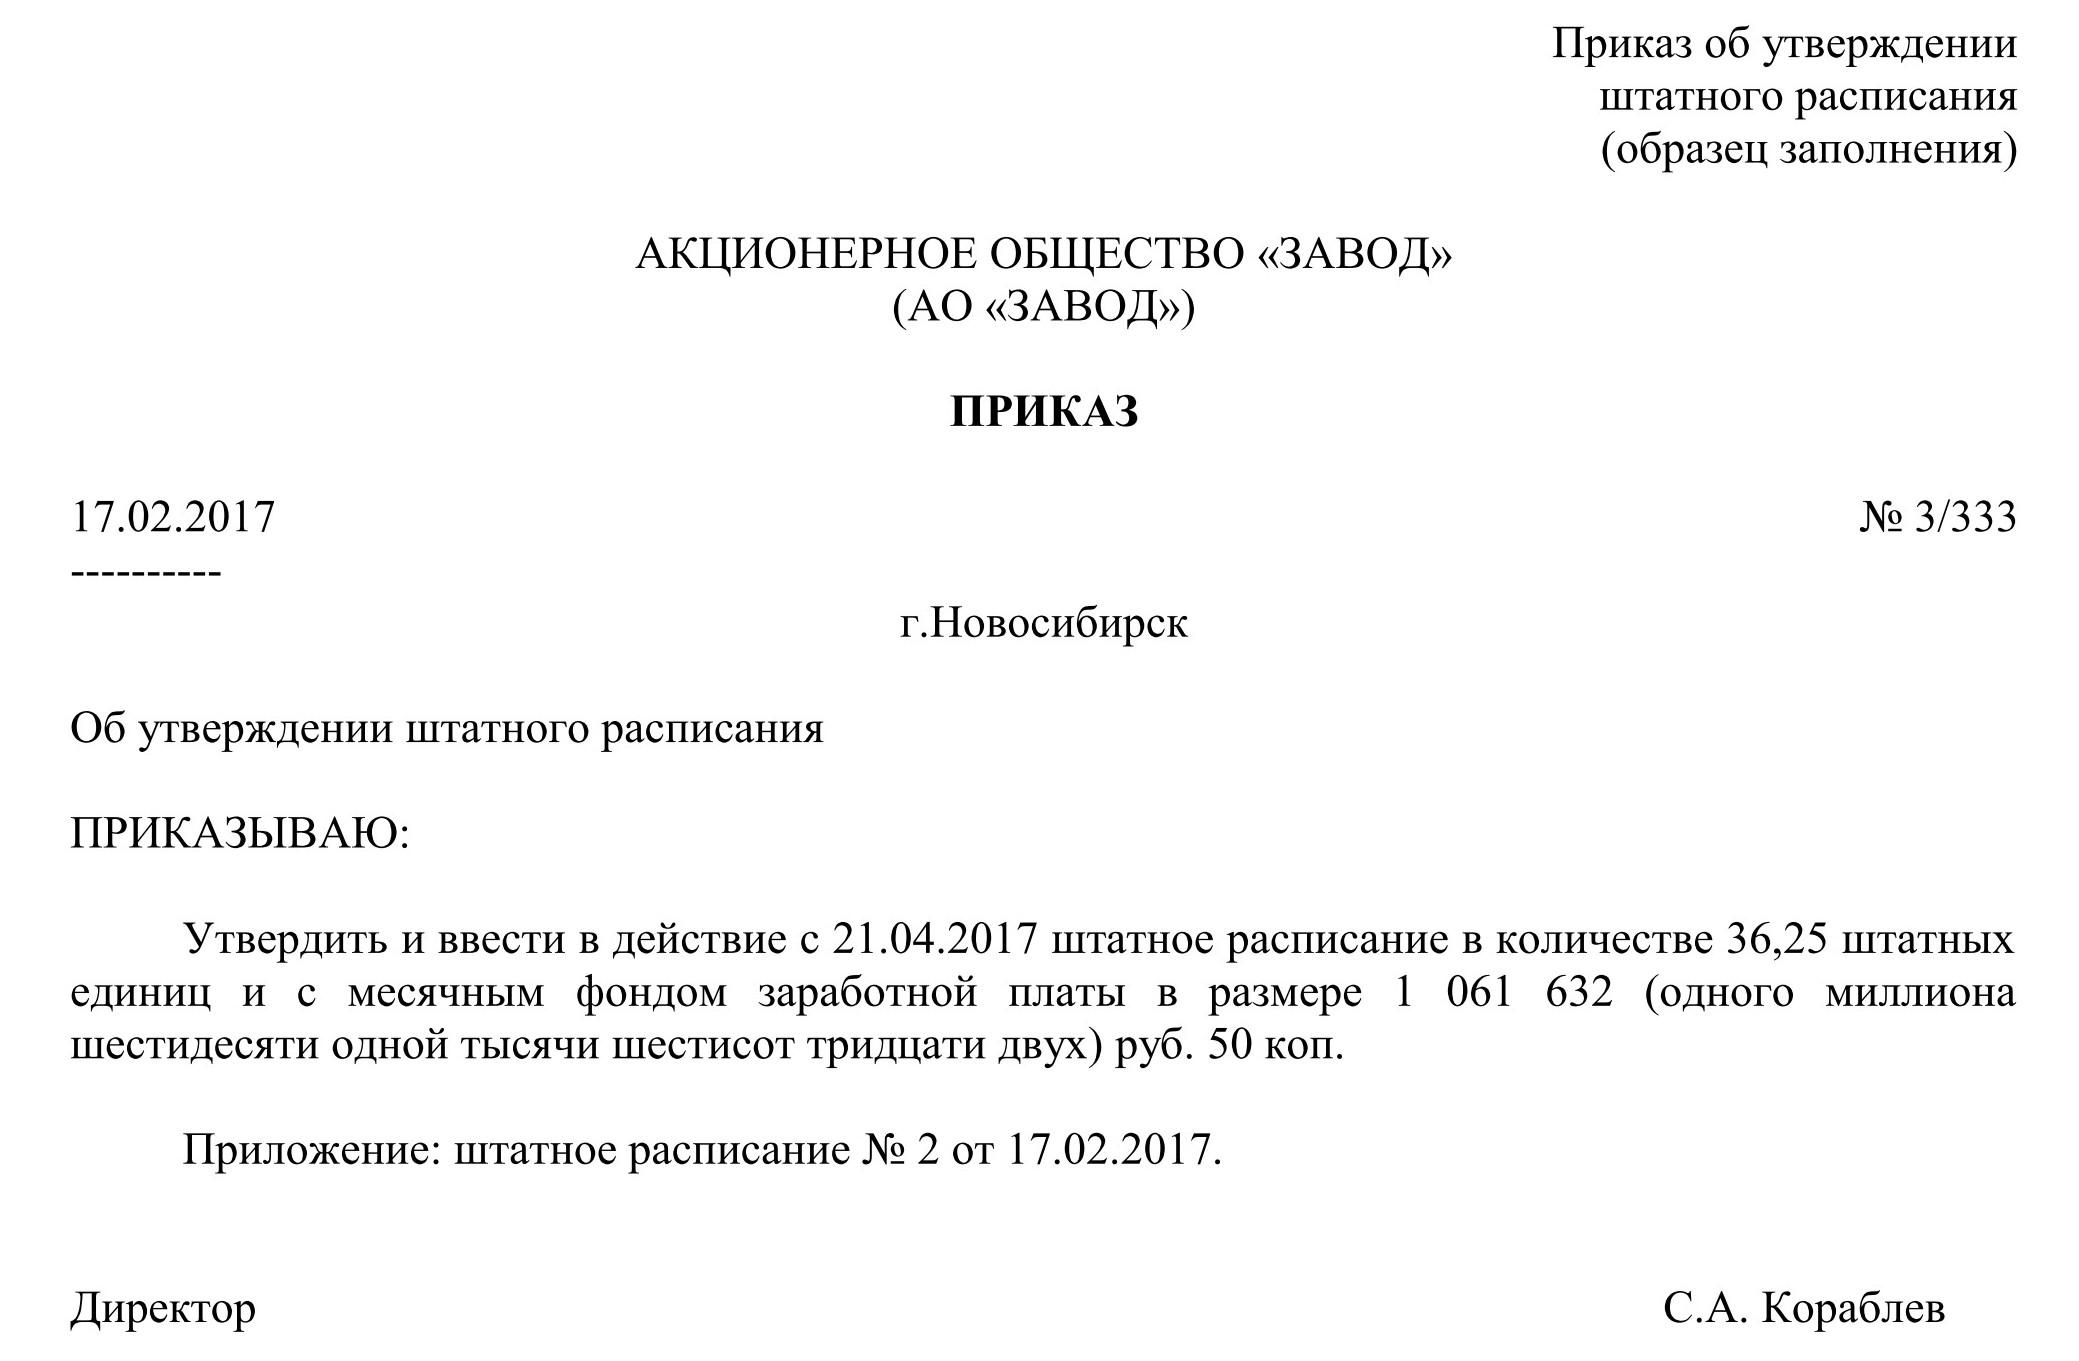 Образец приказа об изменении штатного расписания 2019 | скачать.